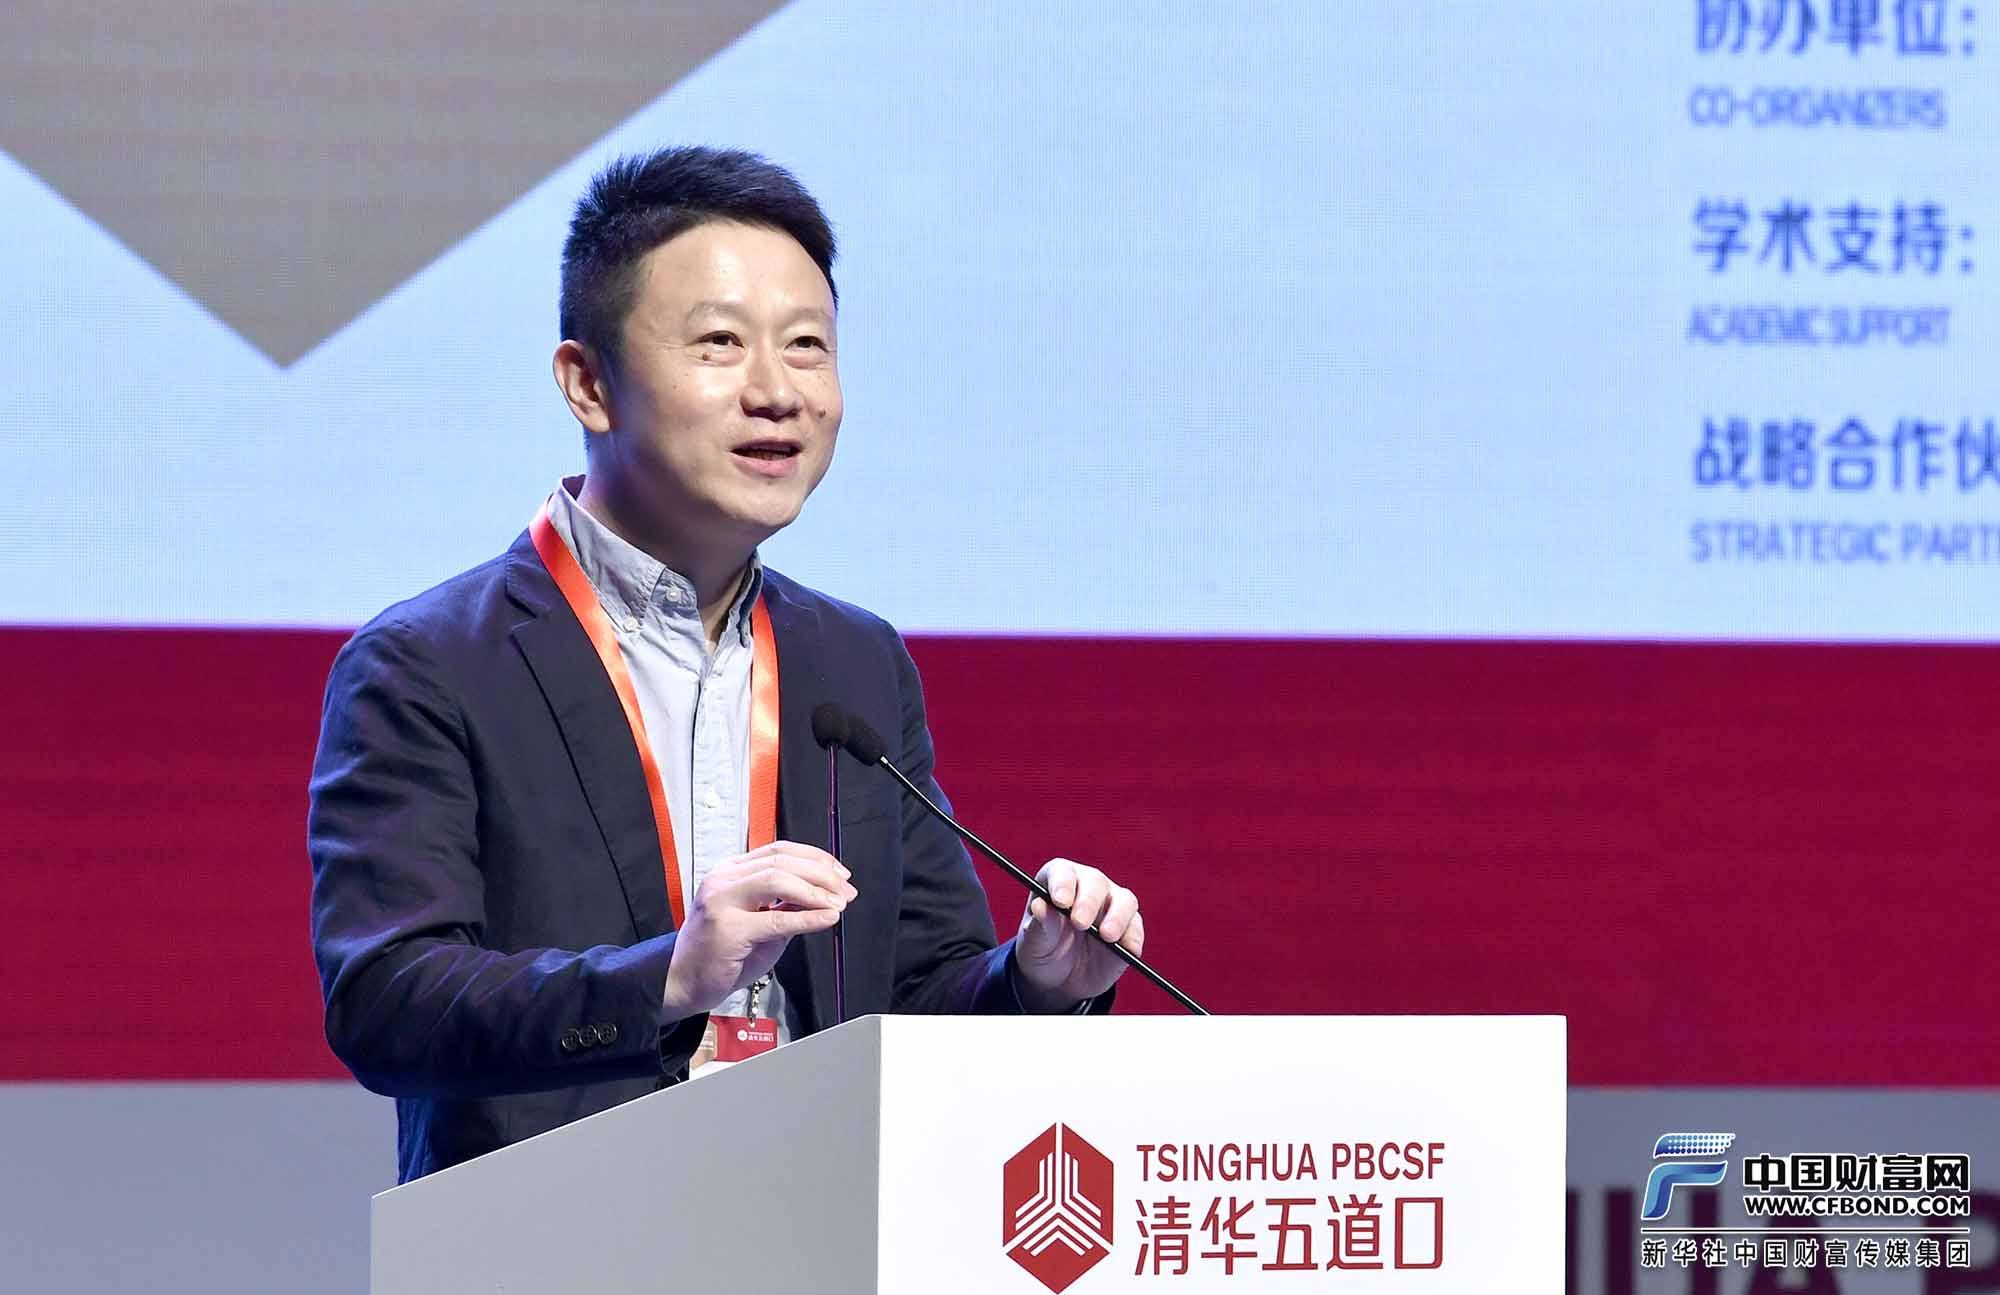 黄浩:一直为建立信用体系而努力